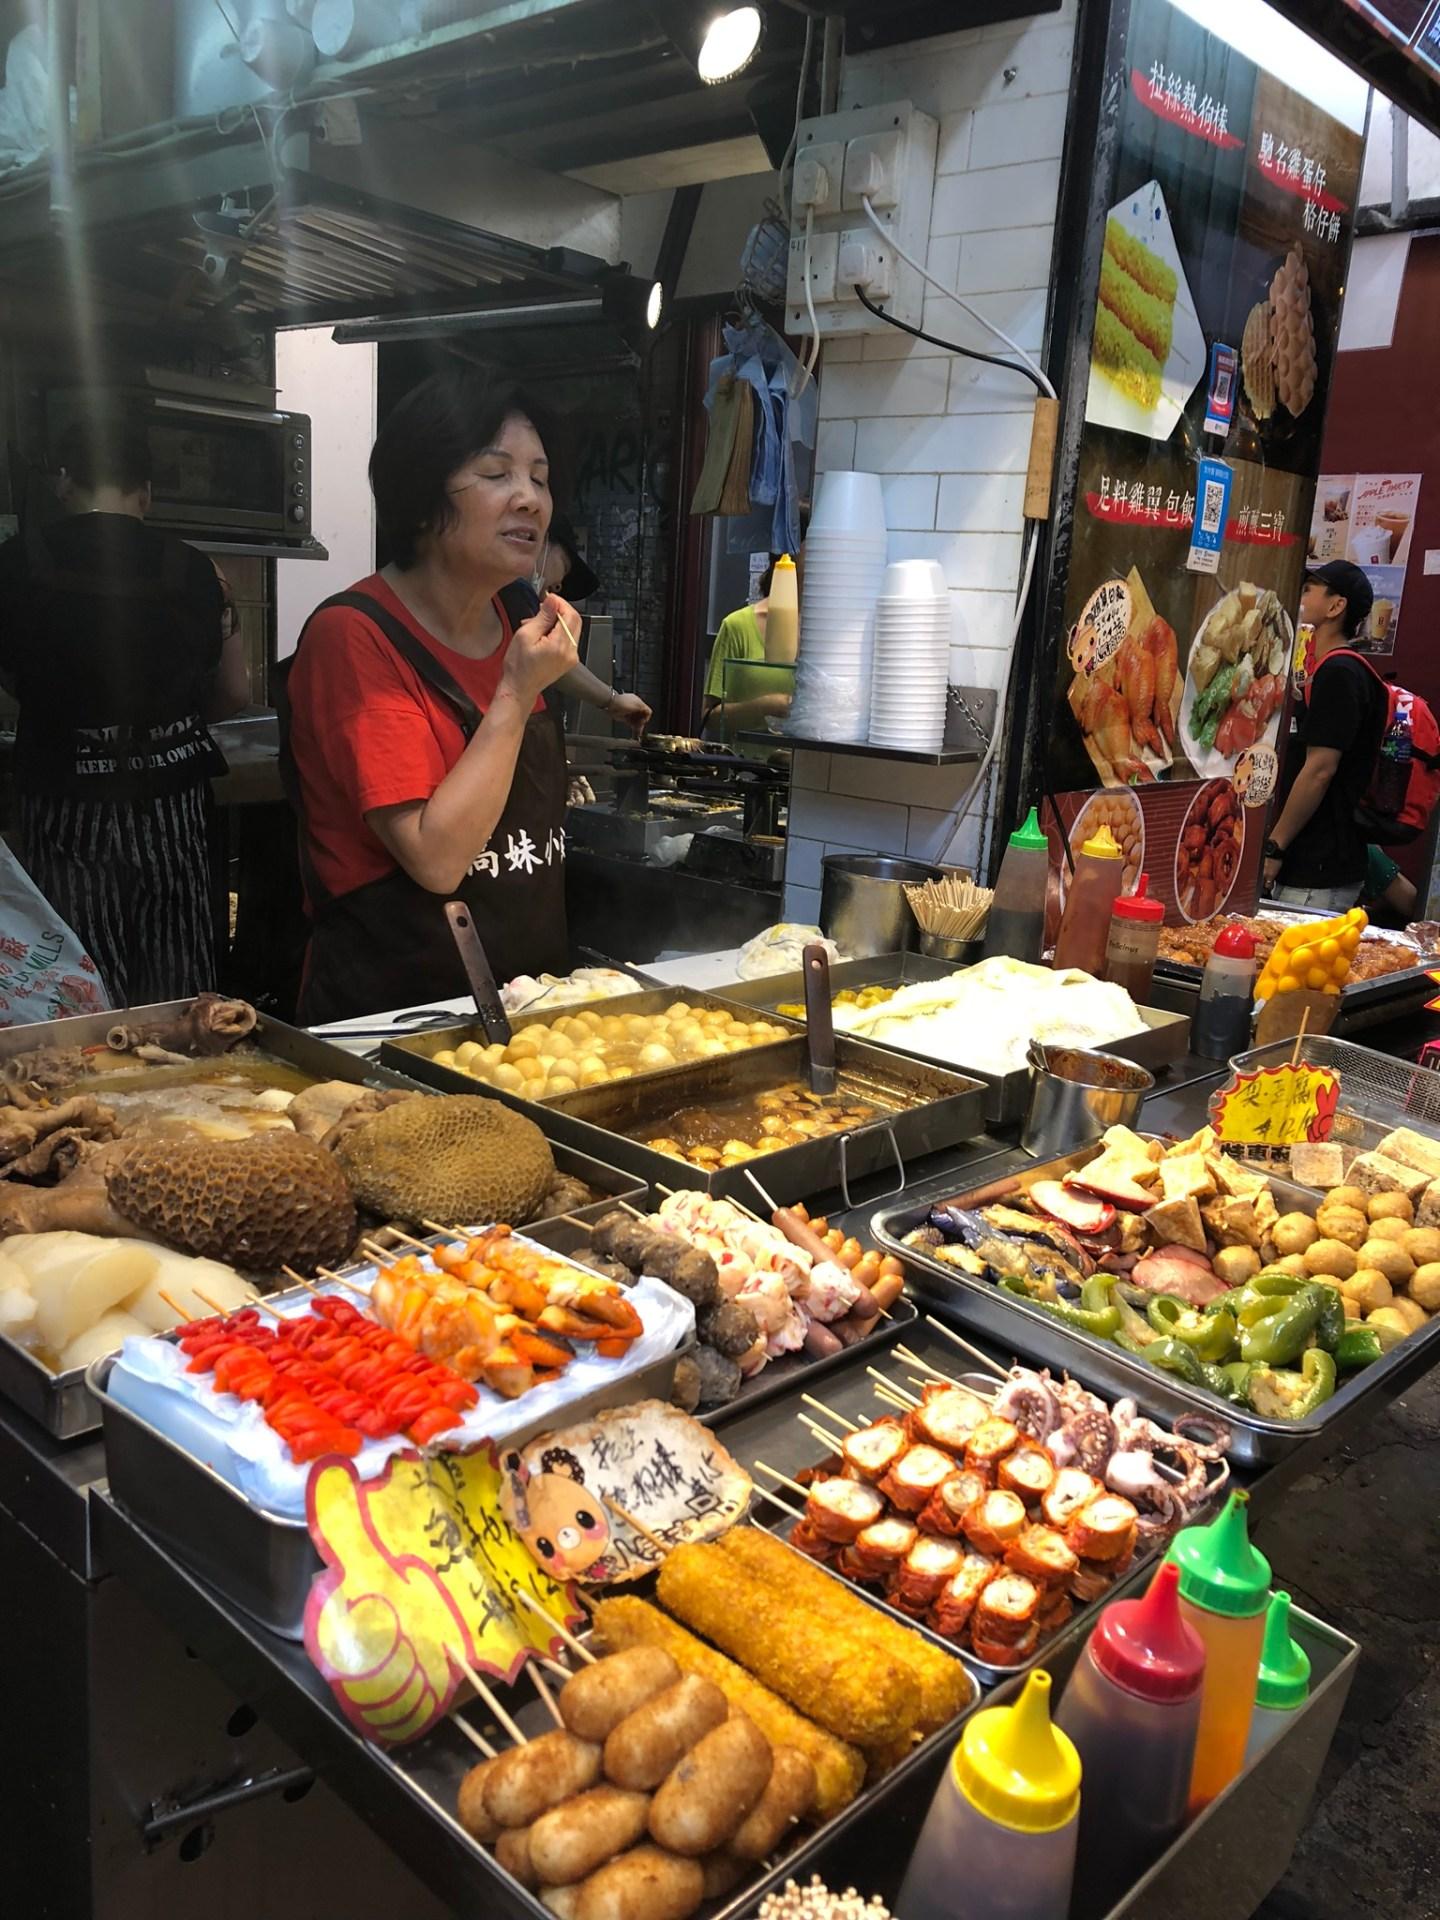 Street market of Hong Kong